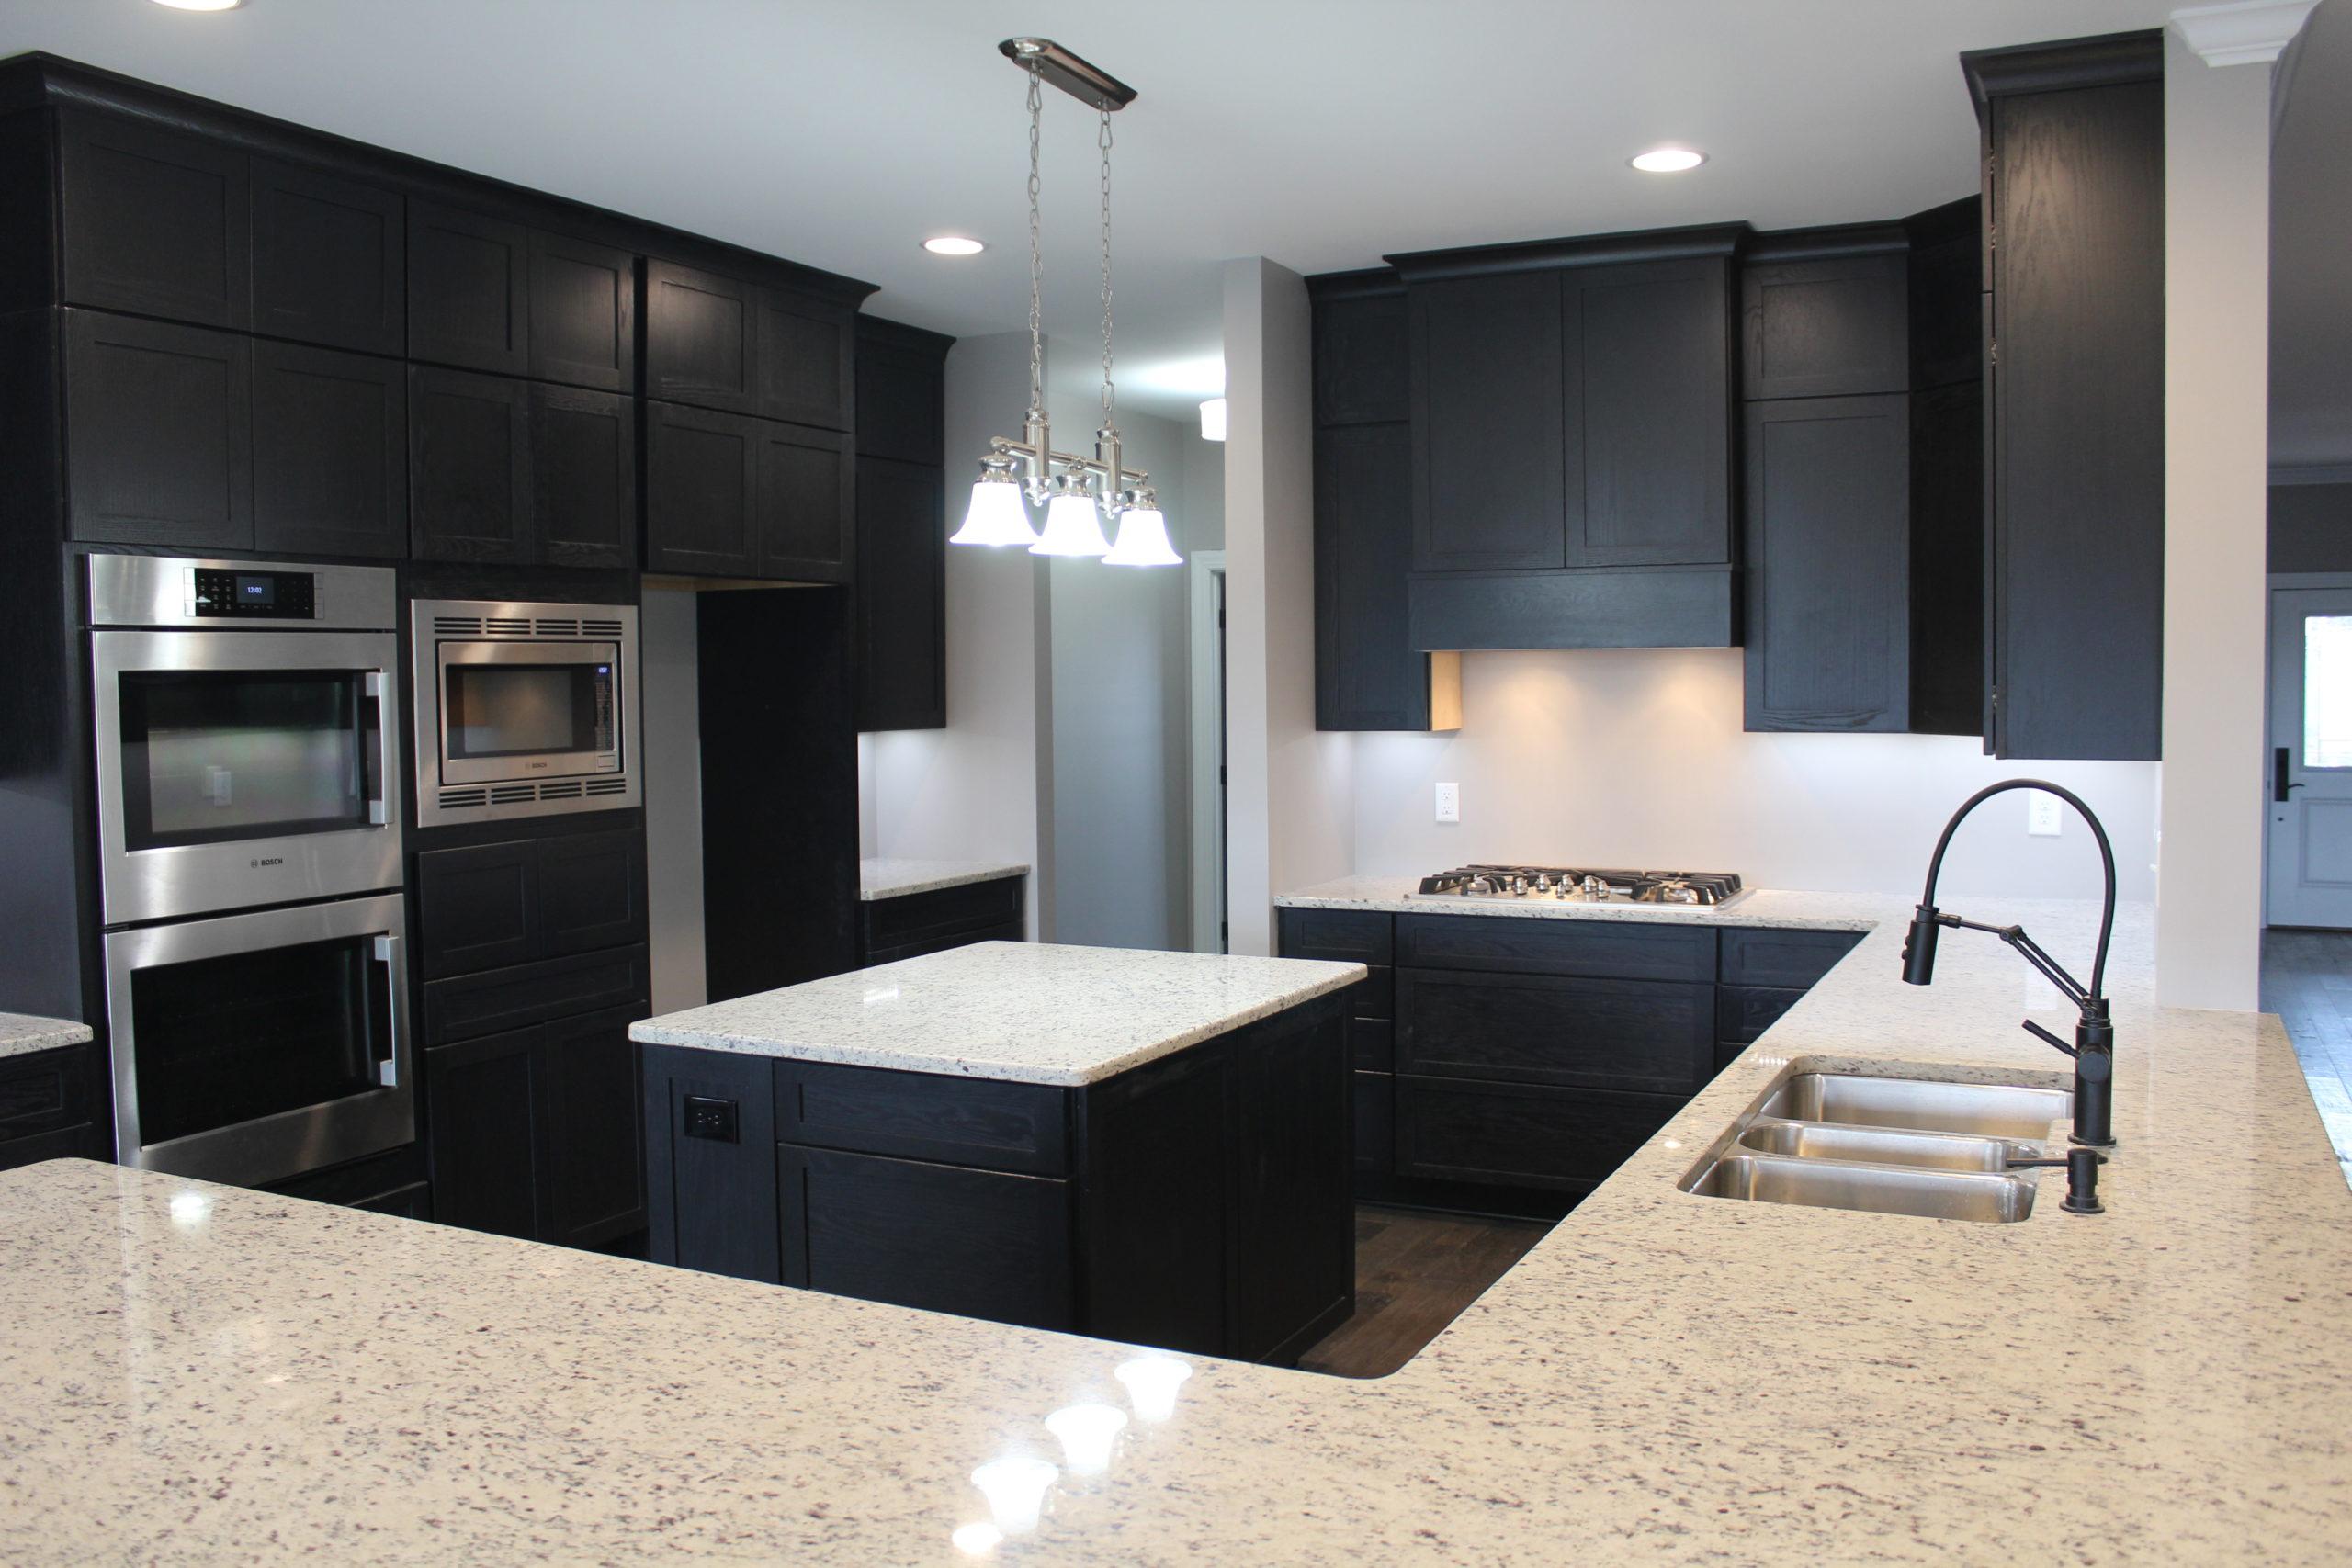 kitchen-remodeling-work-TAG-Builder-4285-BM-Kitchen-1-scaled